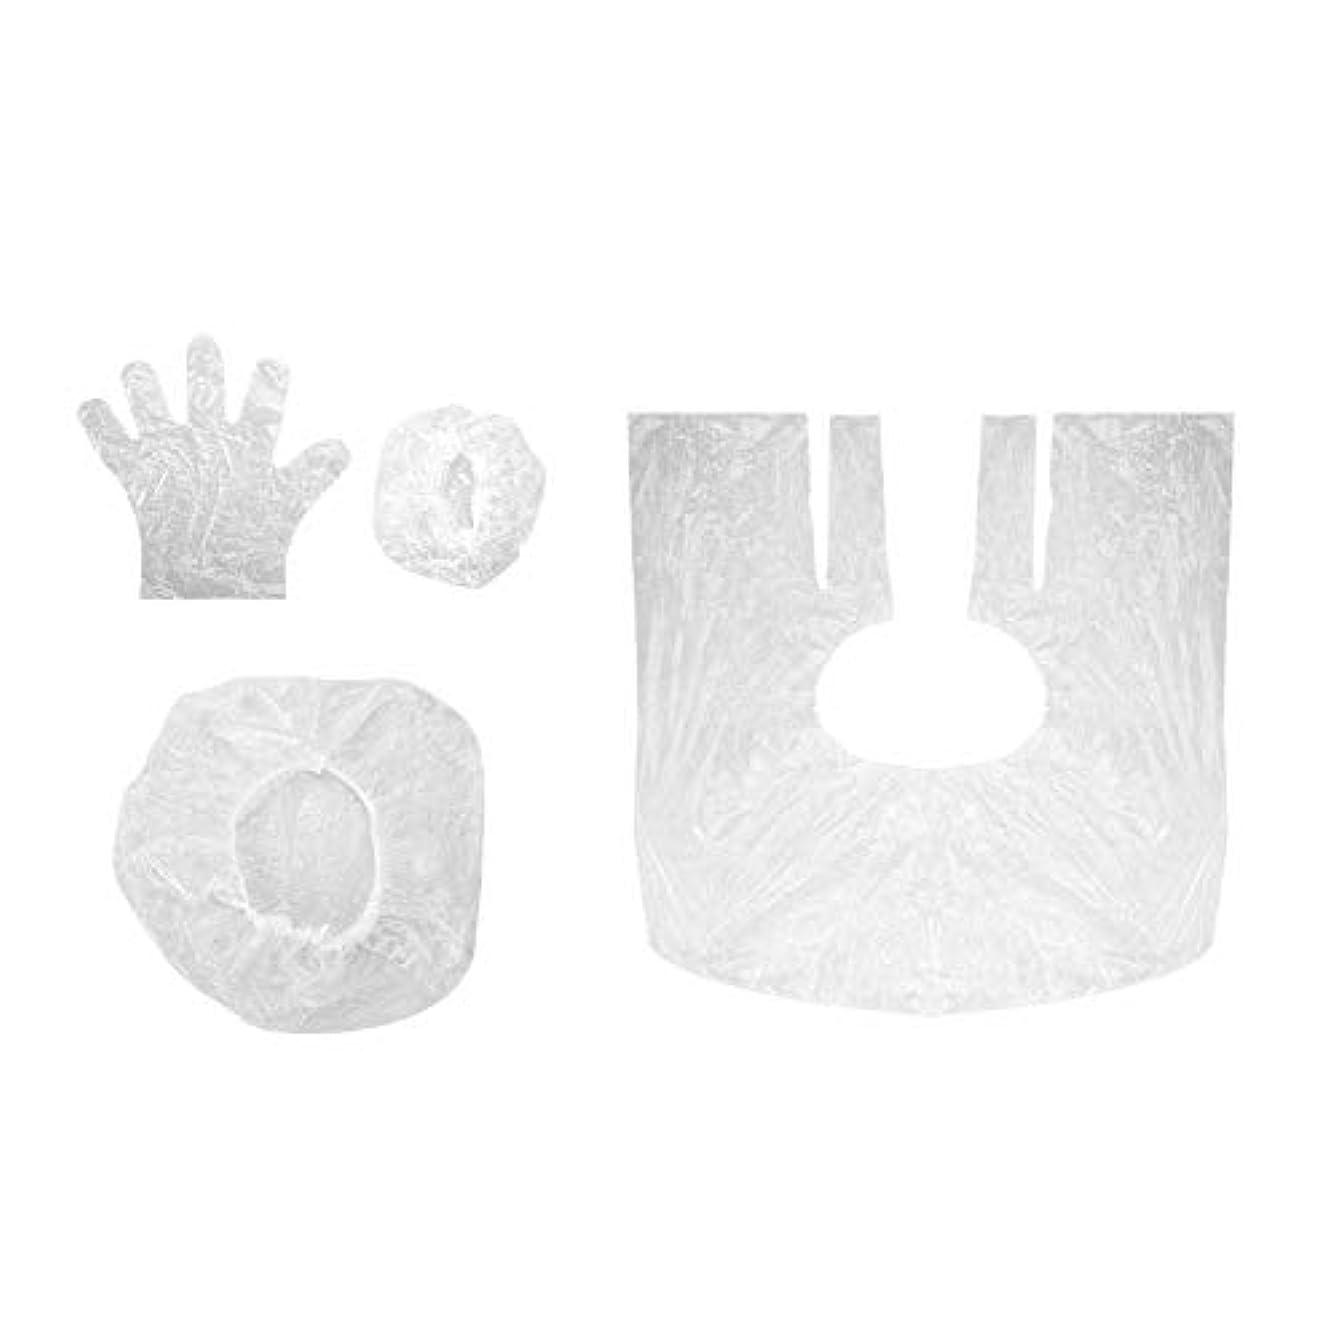 寸前適応ロケーション毛染めツール 使い捨て ショールイヤーマフ手袋シャワーキャップ10セットサロン シャワーキャップ耳カバー手袋 美容用品